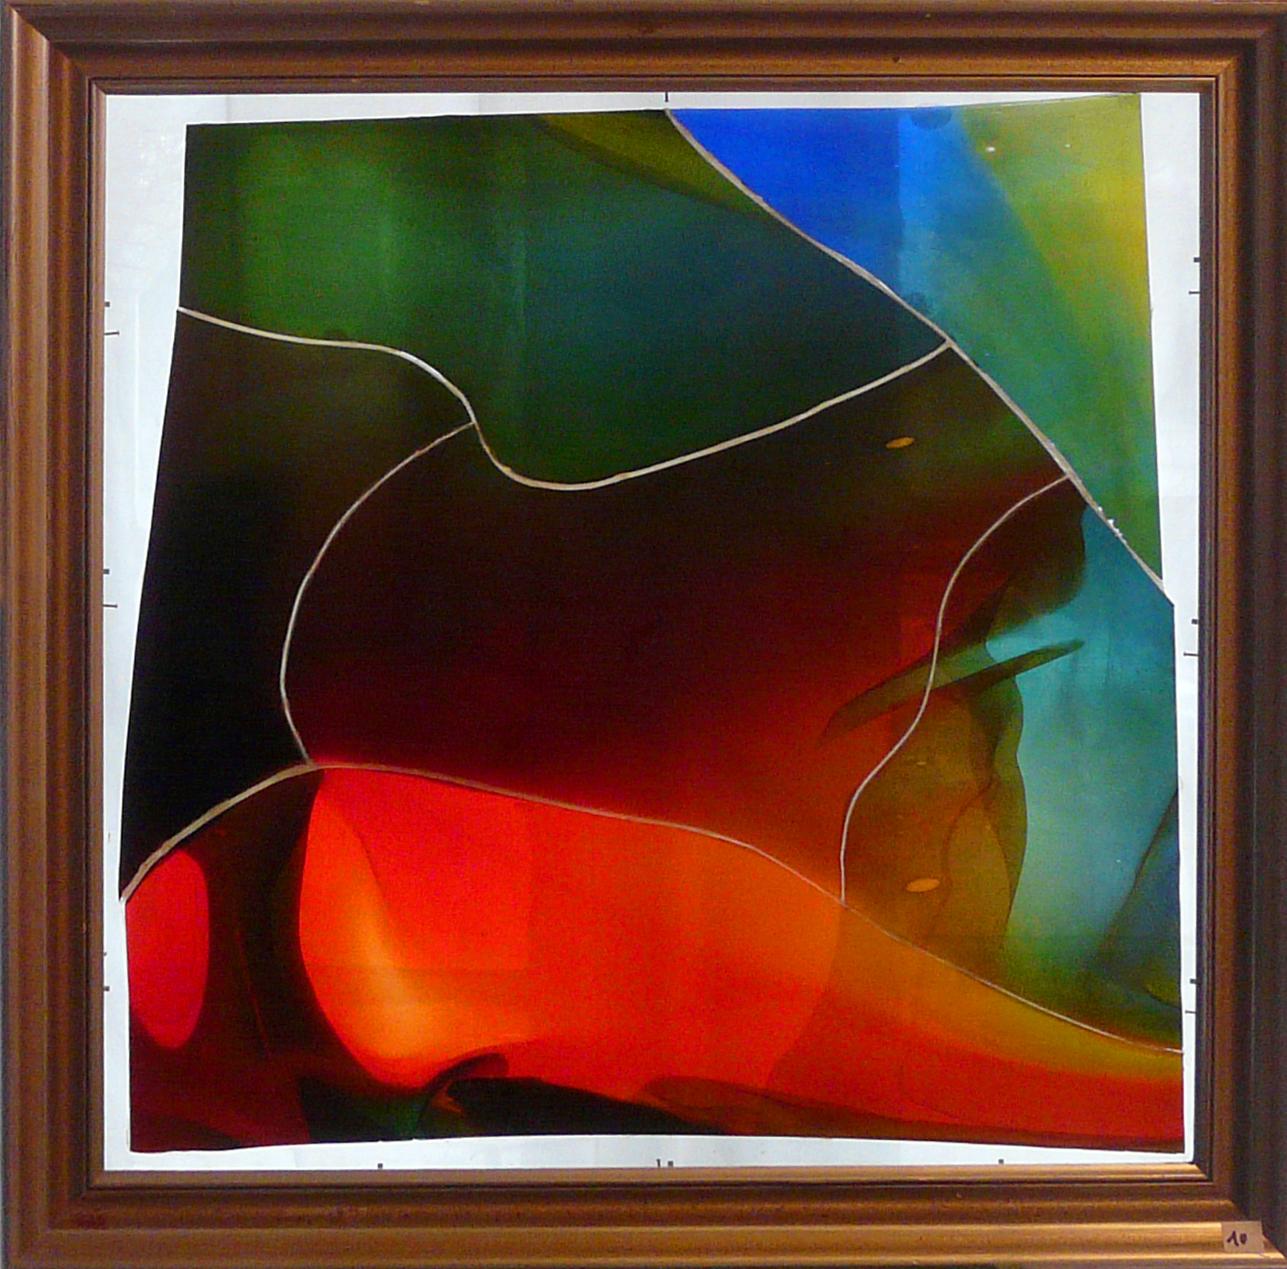 Glasbilder - Friedemann Hergarten - Farbkomposition im Rahmen